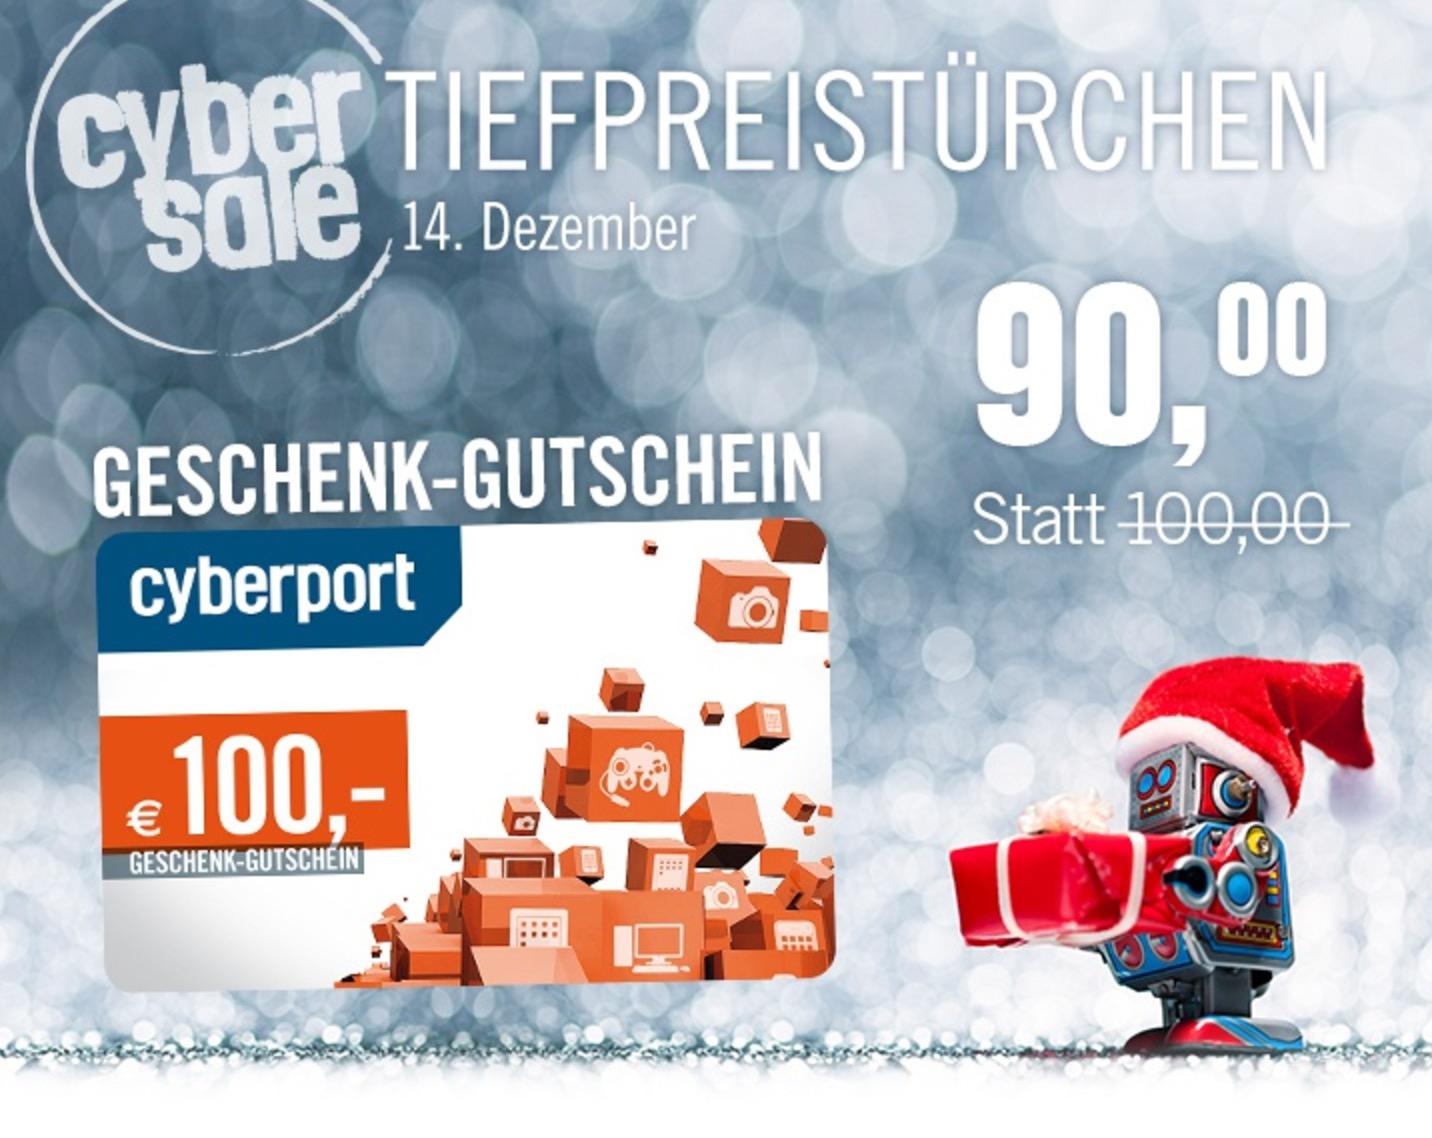 100,- Euro Cyberport Gutschein für nur 90,- Euro